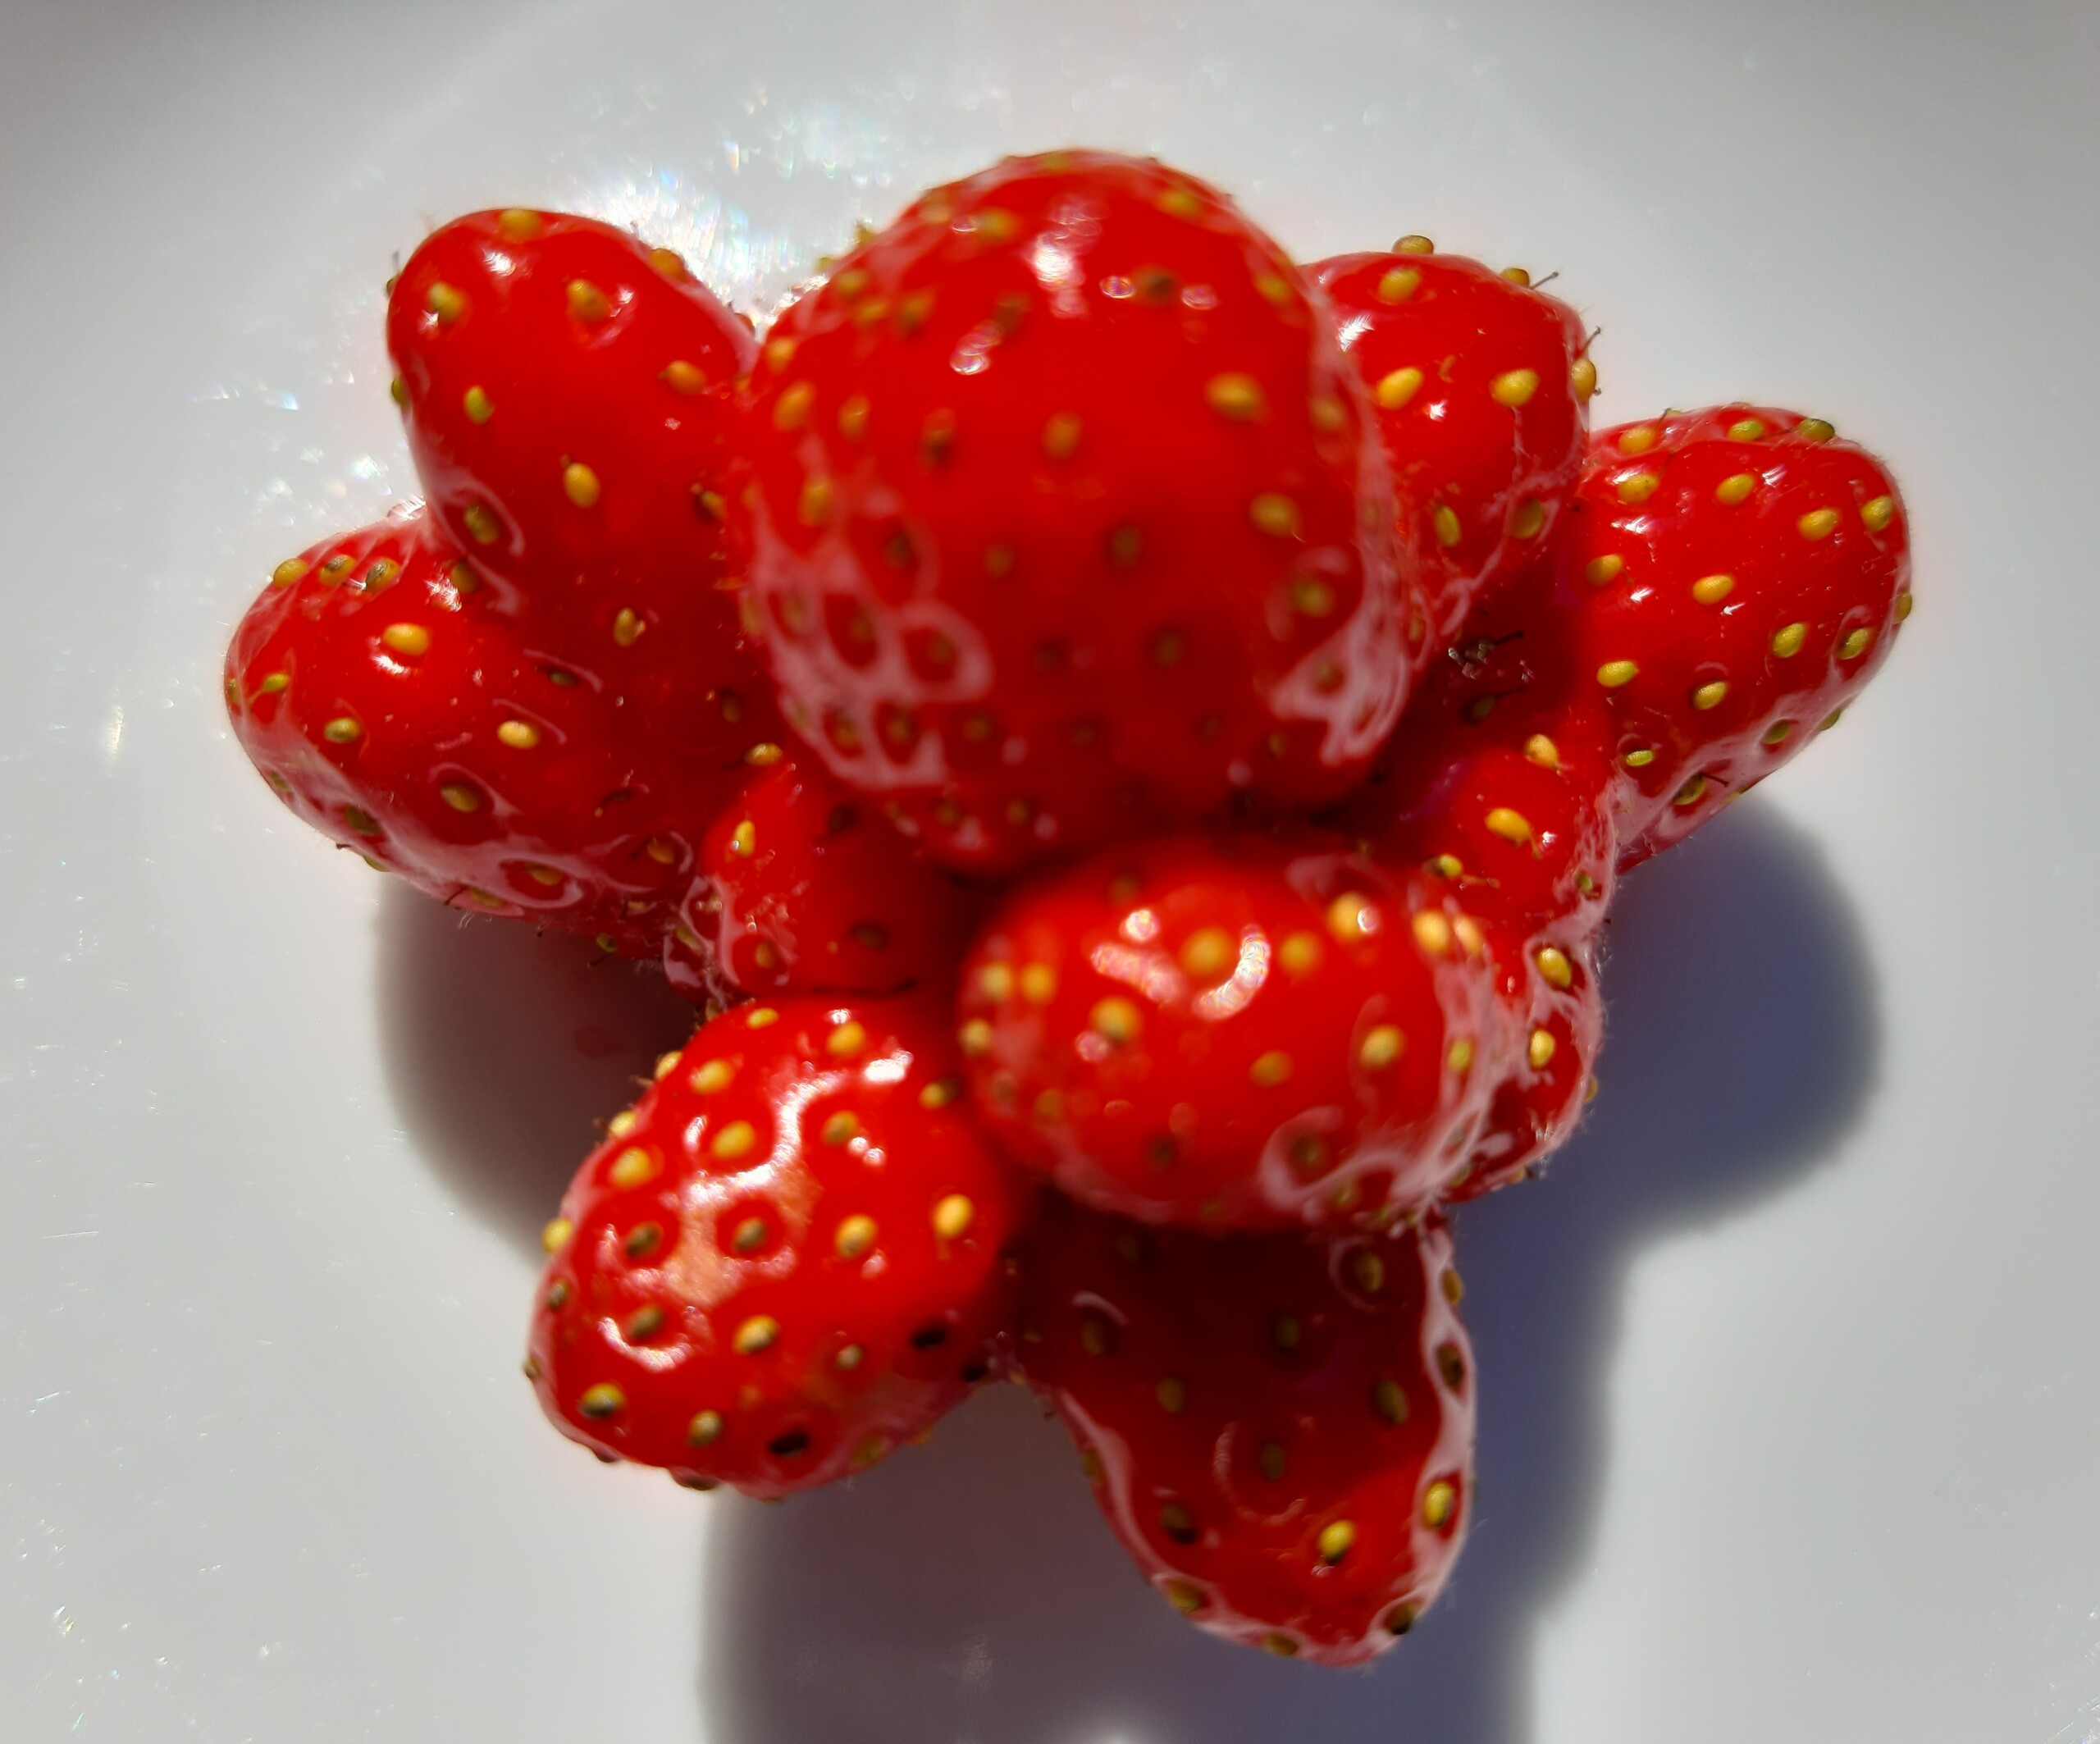 Erdbeeren - Bio-Obst Bio-Gemüse im Biogeschäft Biodelikat Bad Tölz